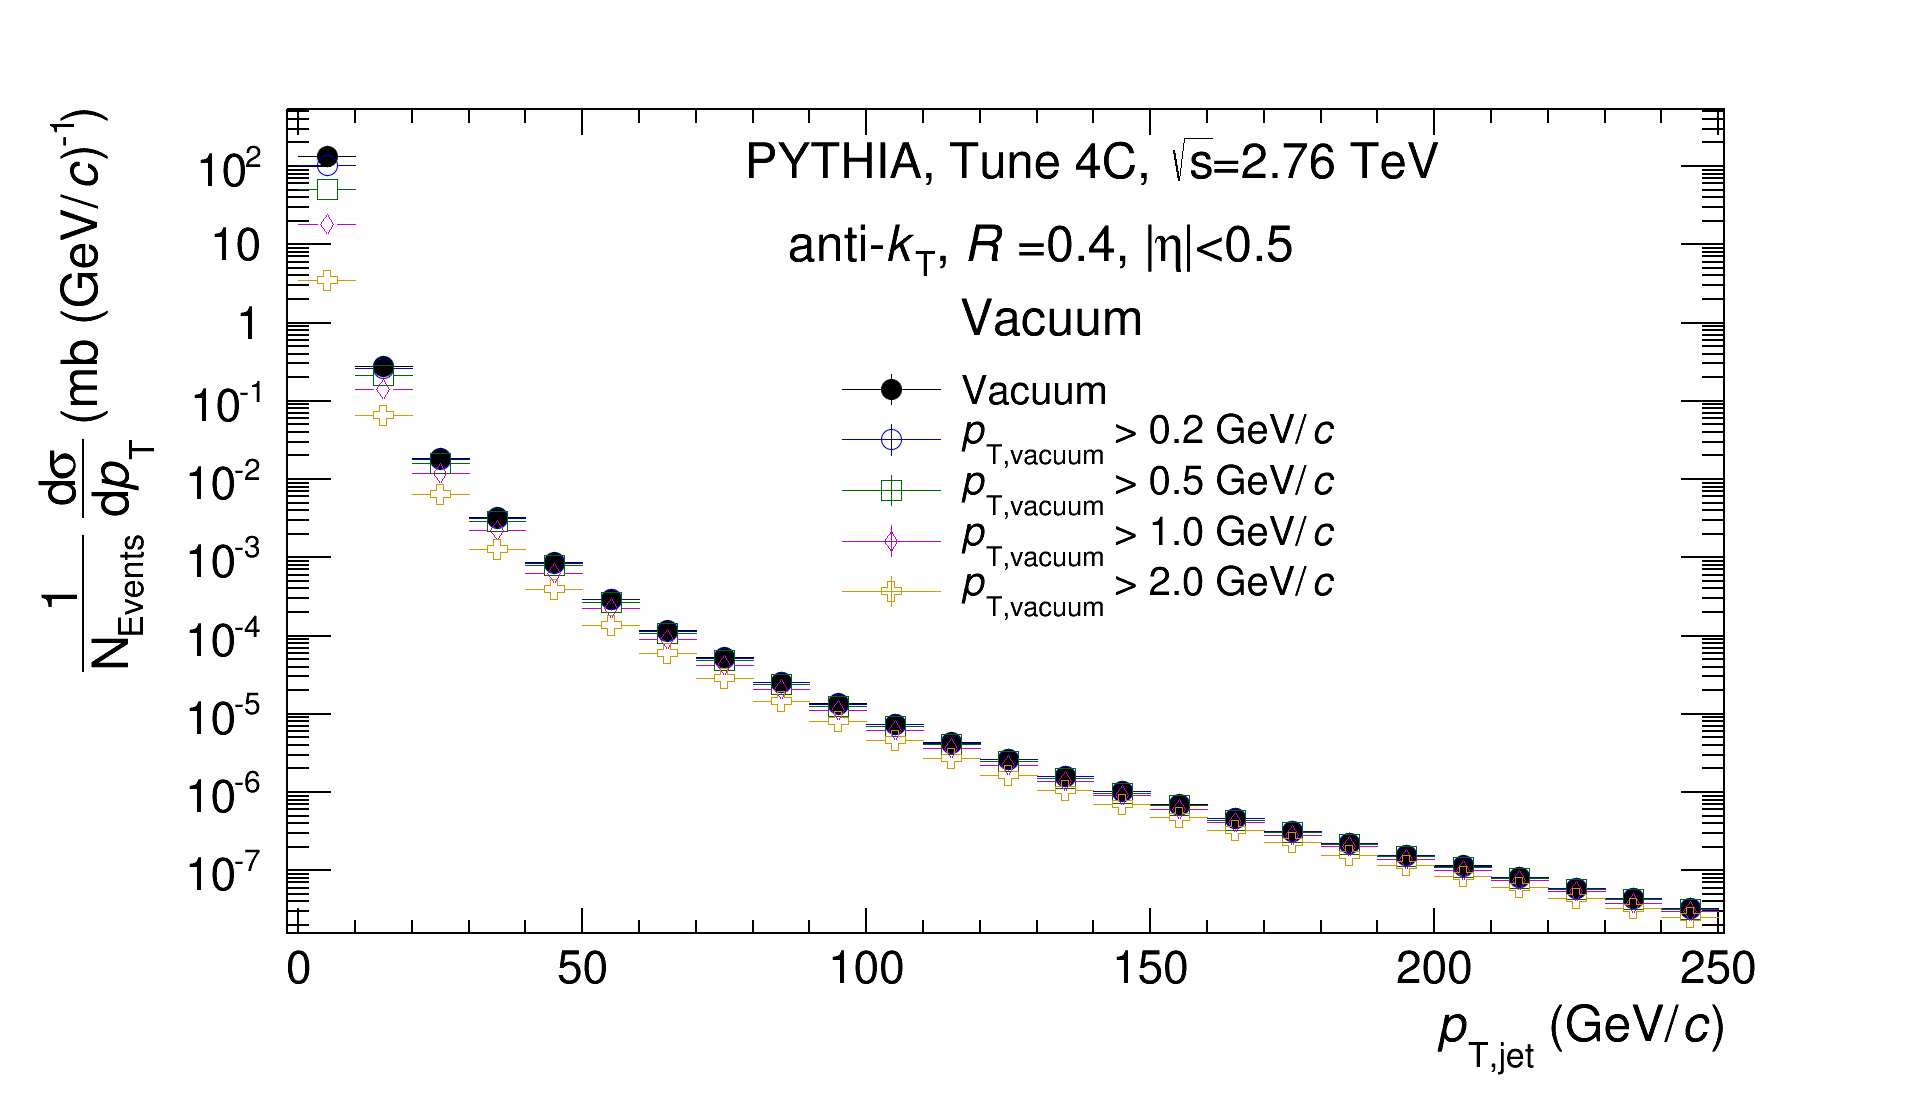 Jet_vacuum_Spectrum.png